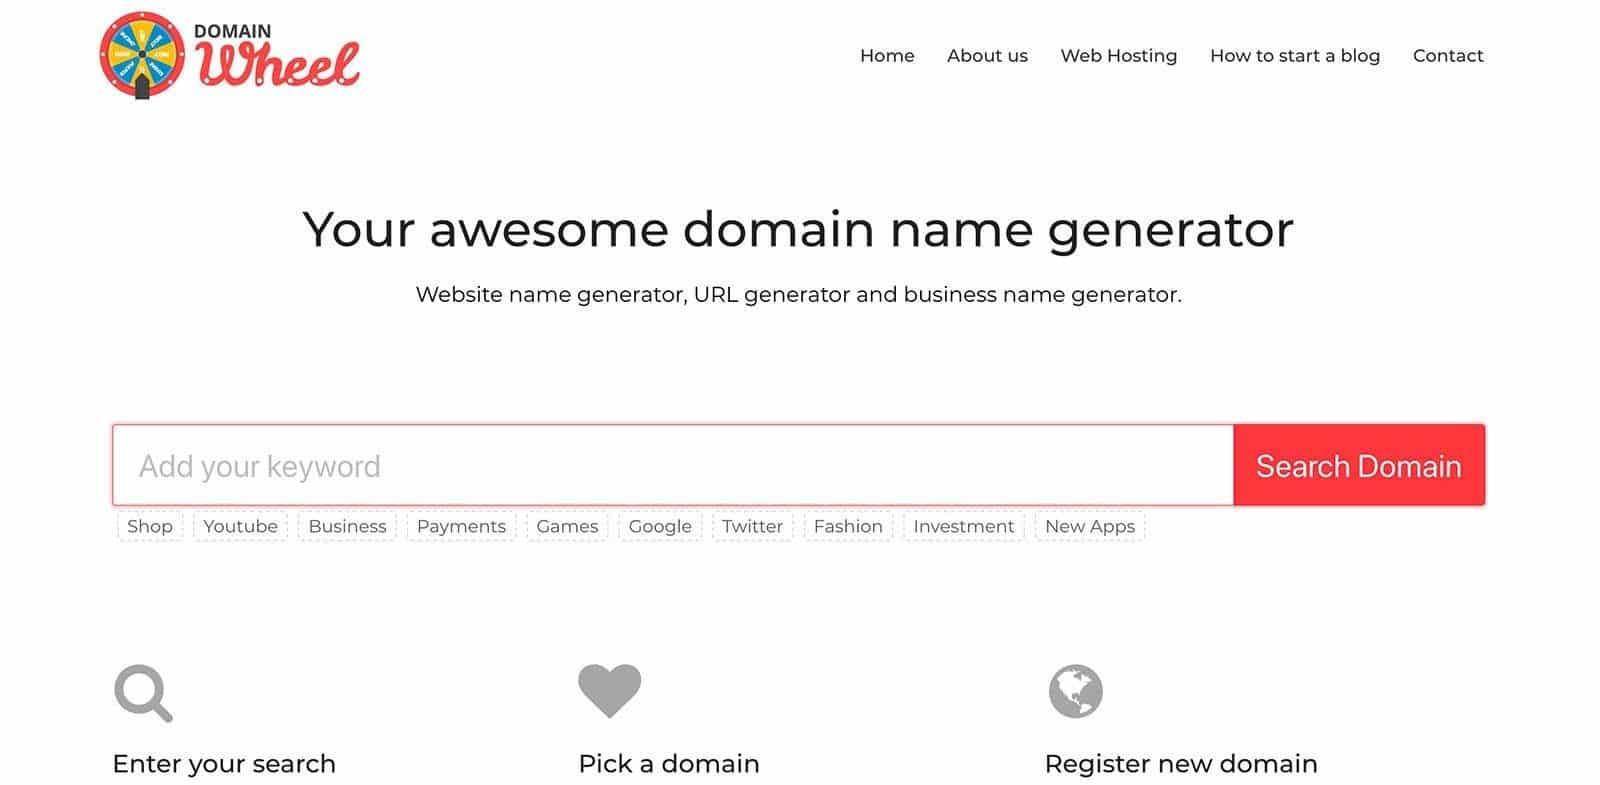 Domain Name Generator Tools